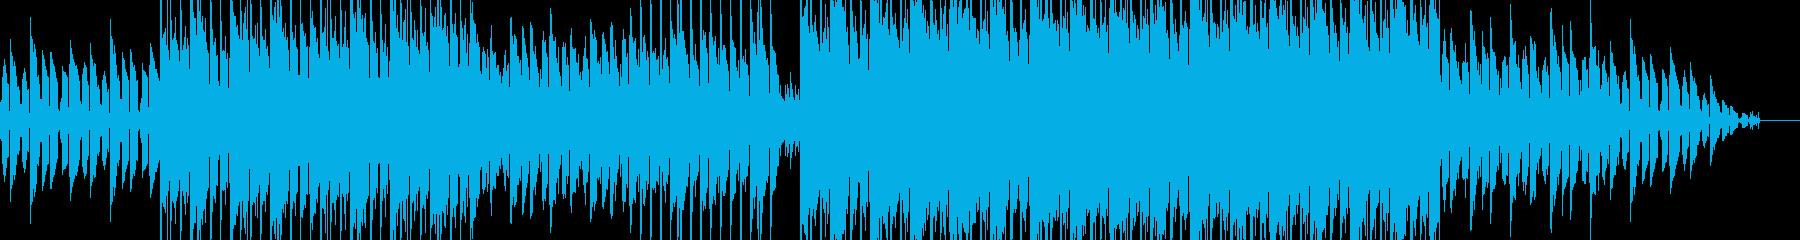 レトロ ギャングスタラップ 淡々 ドラムの再生済みの波形